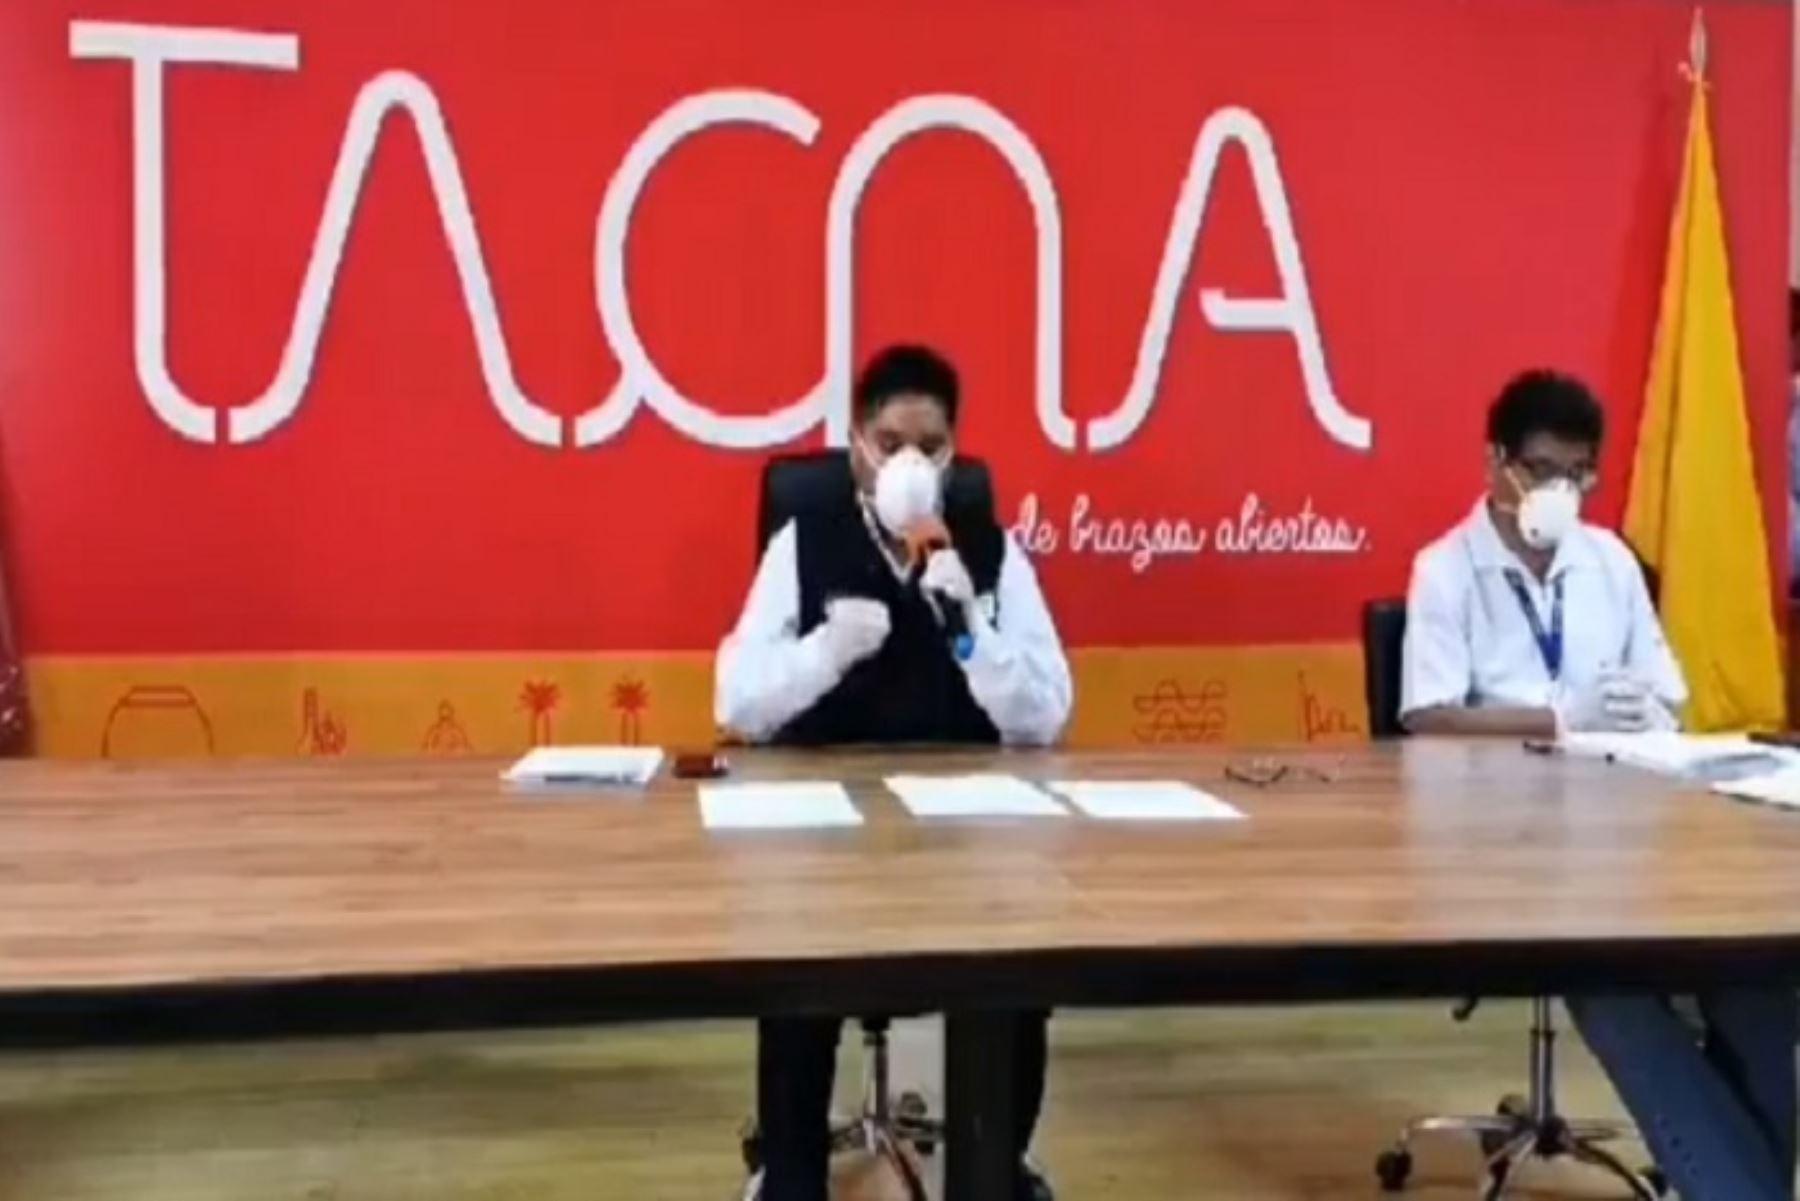 Más de 70 extranjeros permanecerán albergados en el estadio Jorge Basadre de Tacna durante el estado de emergencia.